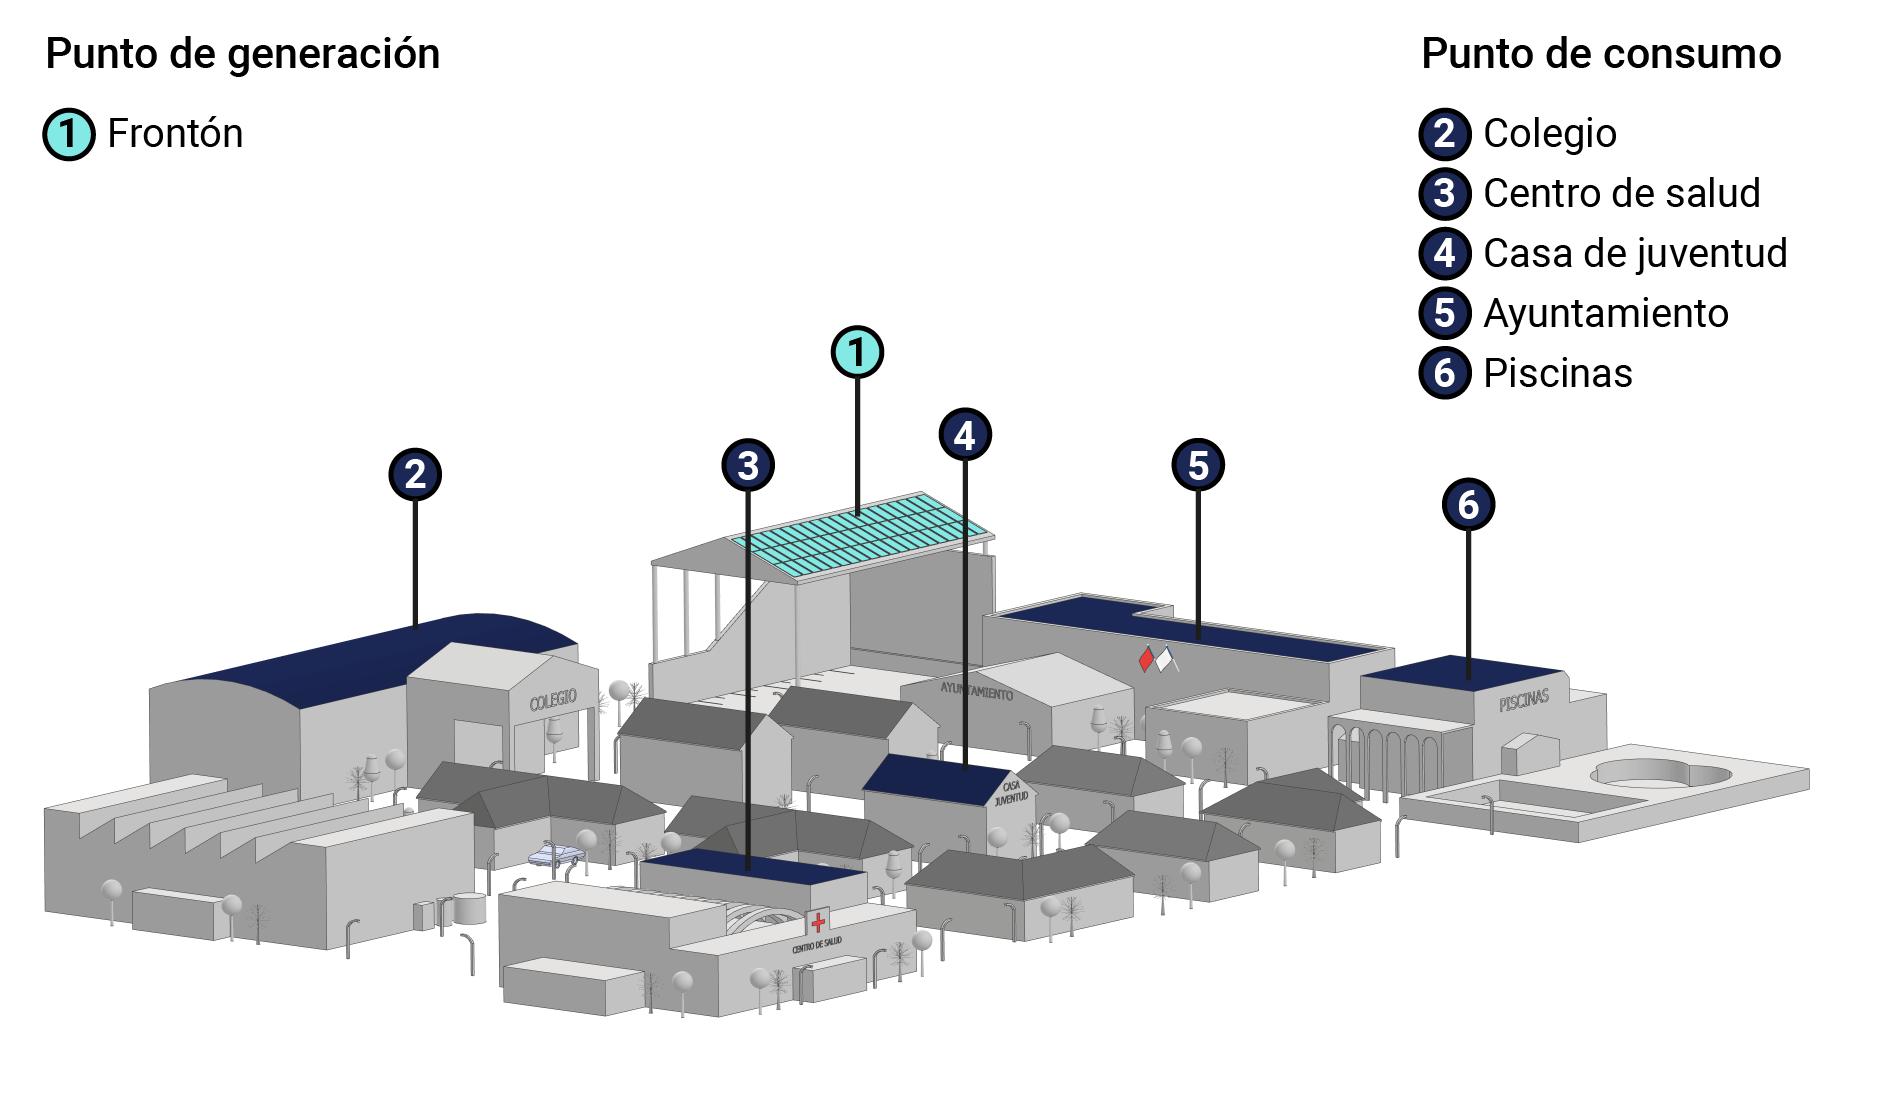 Pueblo ejemplo Autoconsumo Fotovoltaico Colectivo